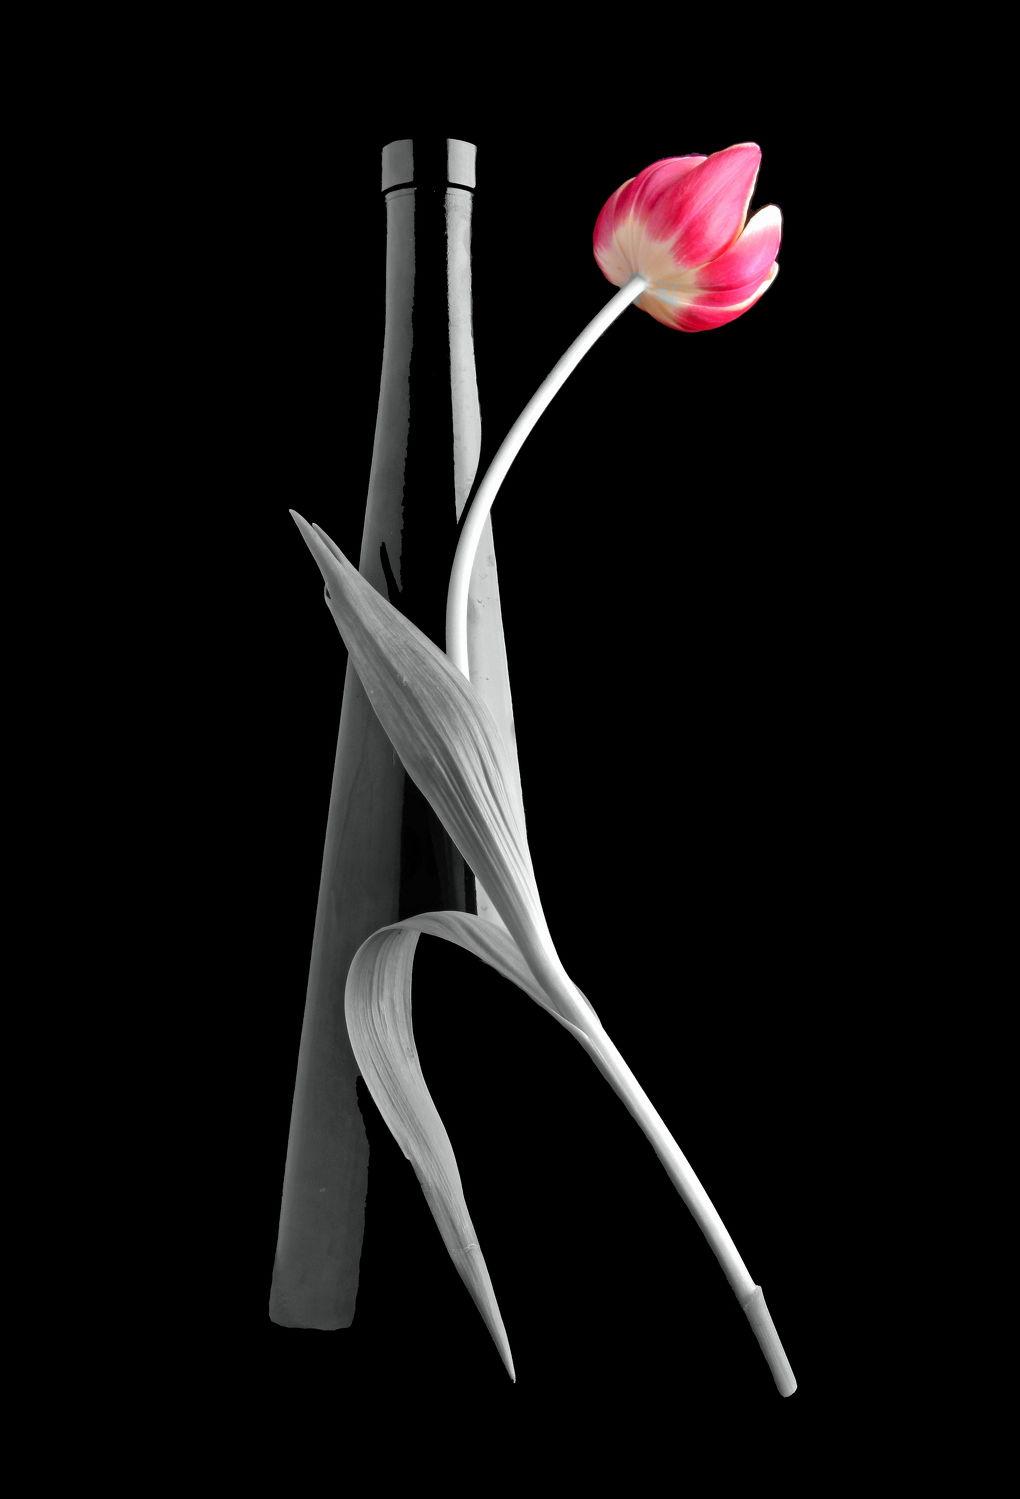 Bild mit Blumen, Blume, Tulpe, Tulpen, Fauna, Floral, Flora, Blüten, Florales, Stilleben & Objekte, blüte, dekorativ